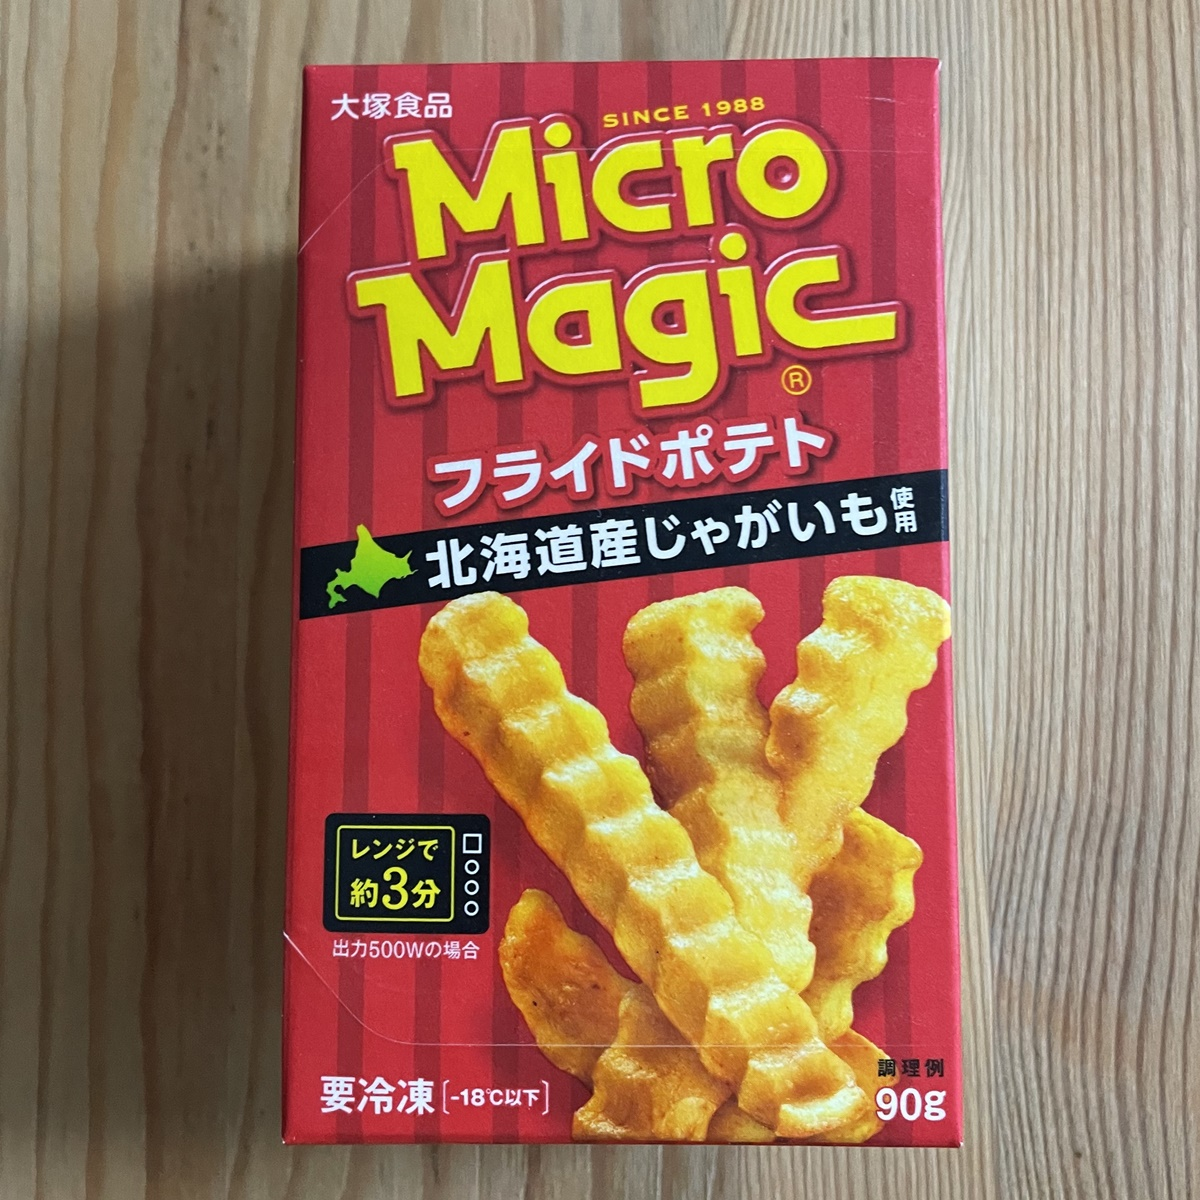 マイクロマジックフライドポテトの箱